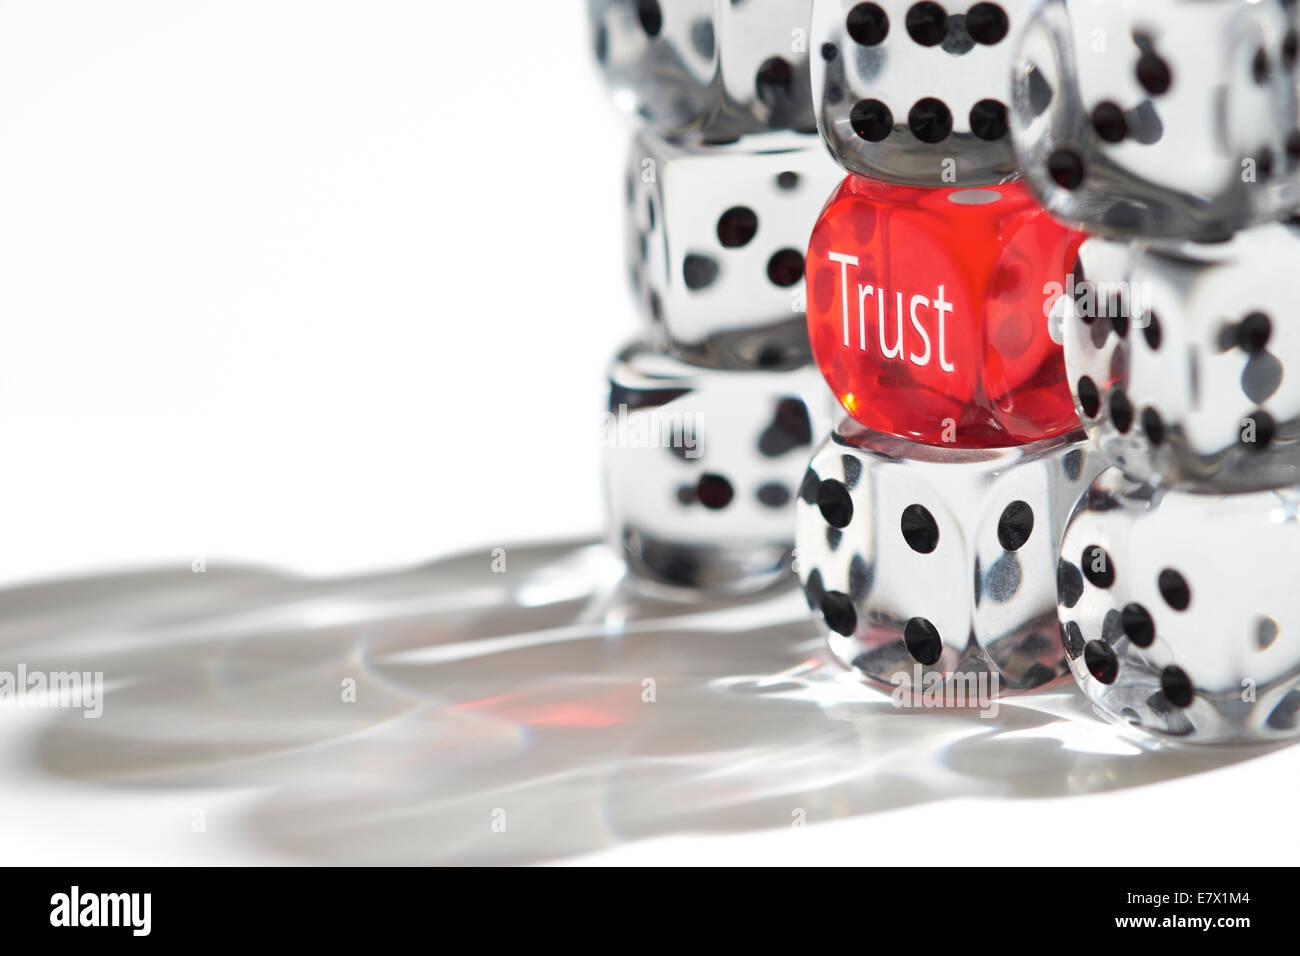 Red Dice se démarquer de la foule, faites confiance à concept. Photo Stock